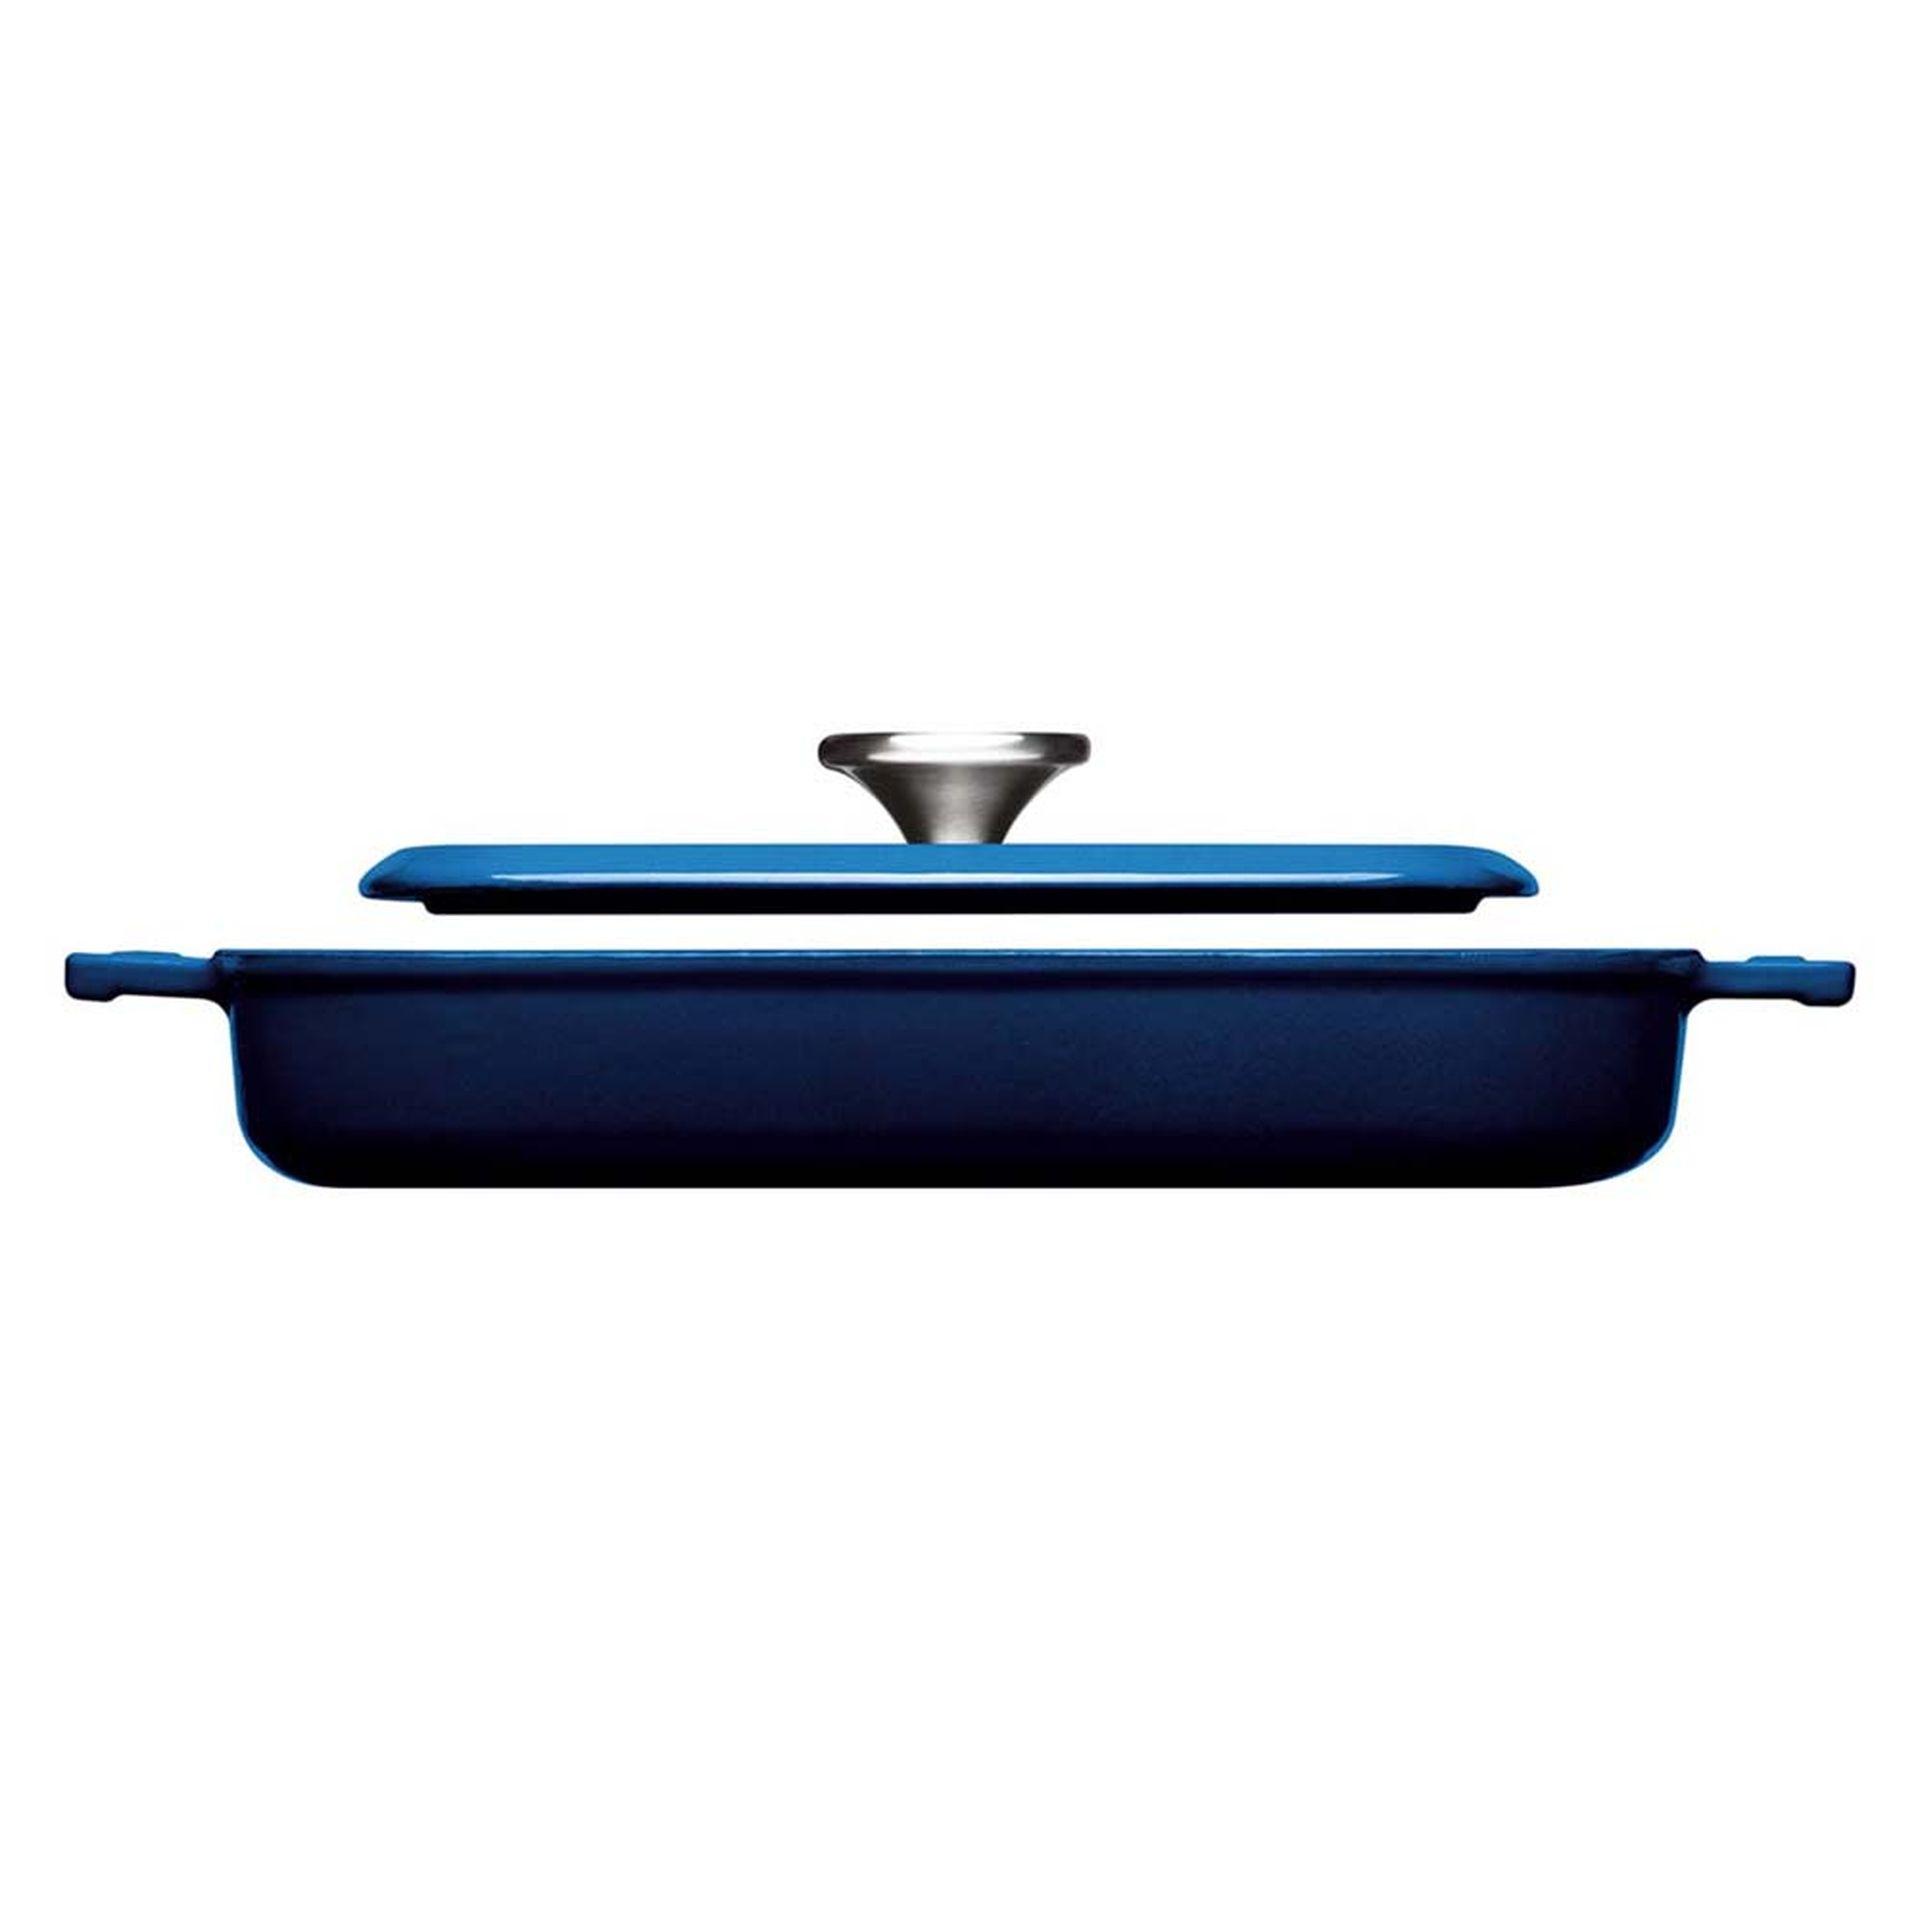 Woll Iron Grillpfanne 28 x 28 cm Blau